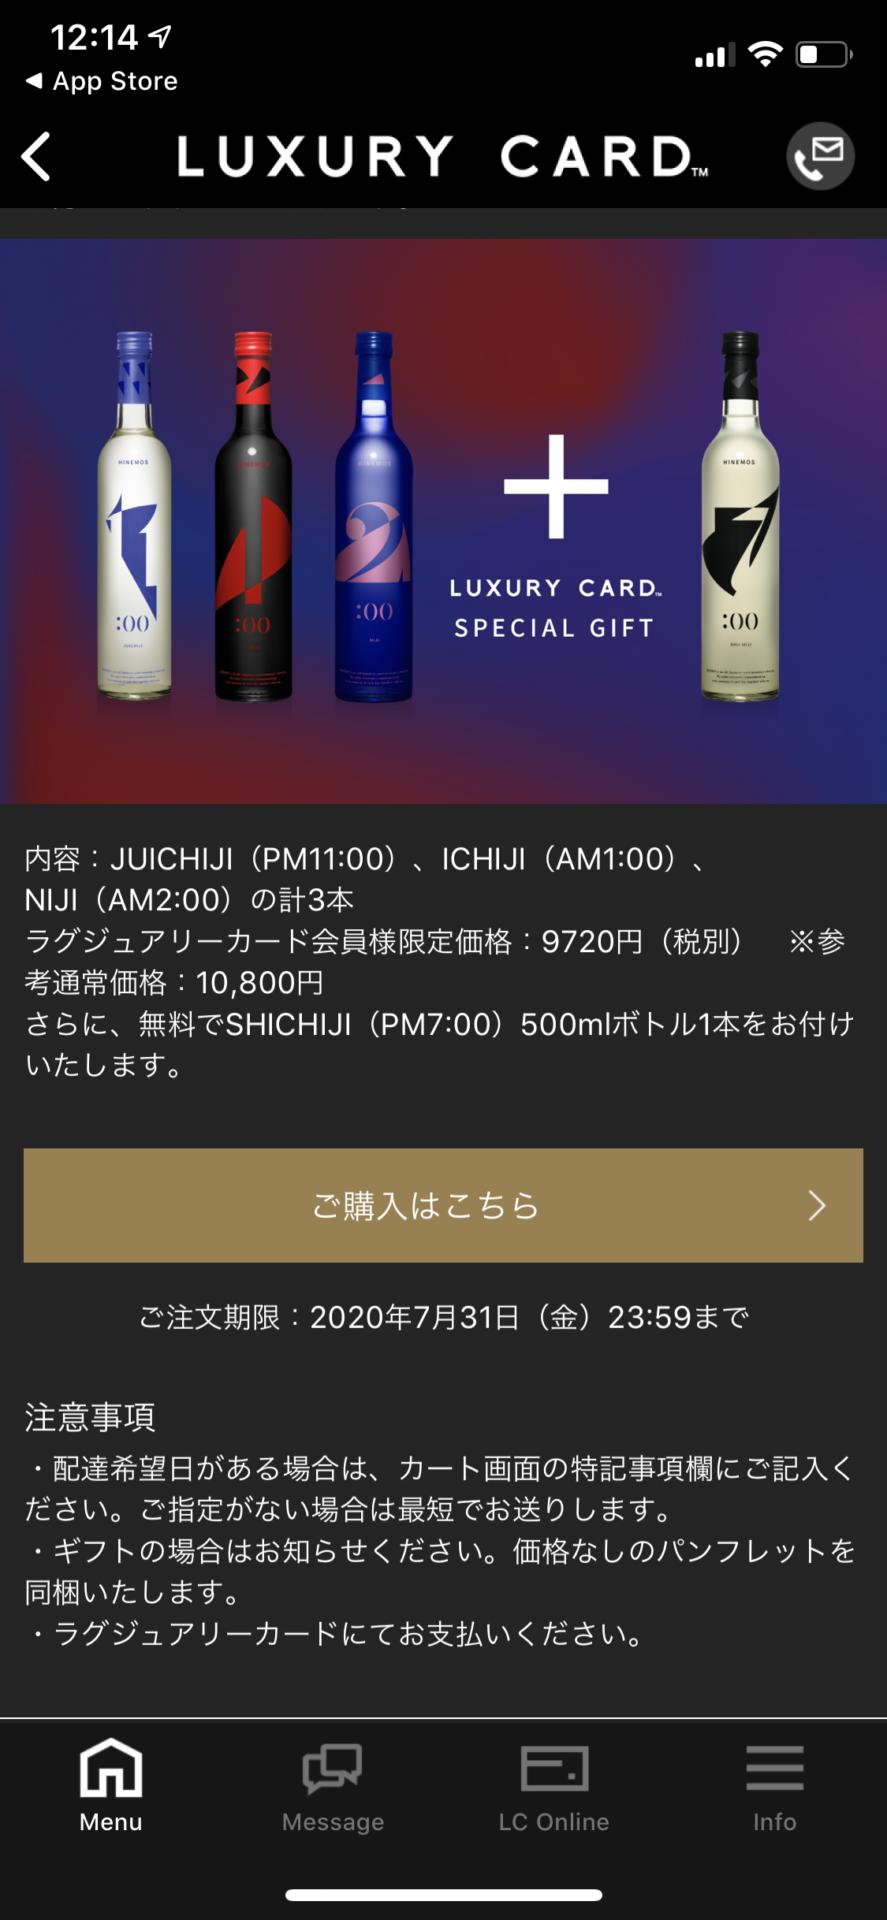 ラグジュアリーカード限定の日本酒優待 (1)